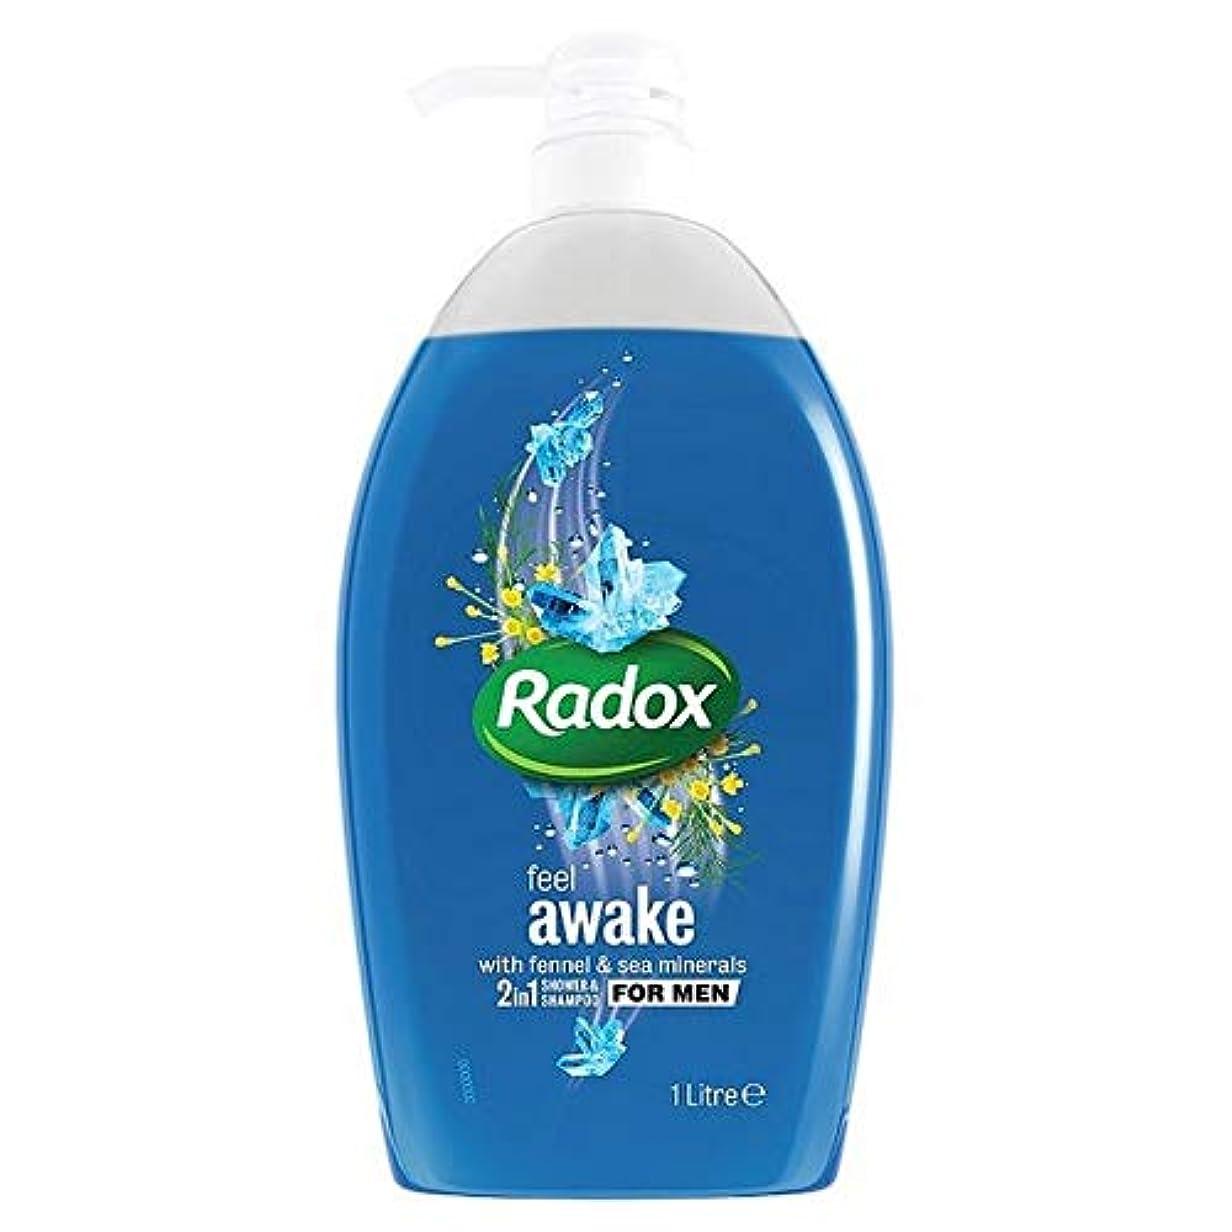 ラッドヤードキップリングモバイル舗装[Radox] Radoxは男性の2In1シャワーゲル1リットル用起き感じます - Radox Feel Awake for Men 2in1 Shower Gel 1L [並行輸入品]